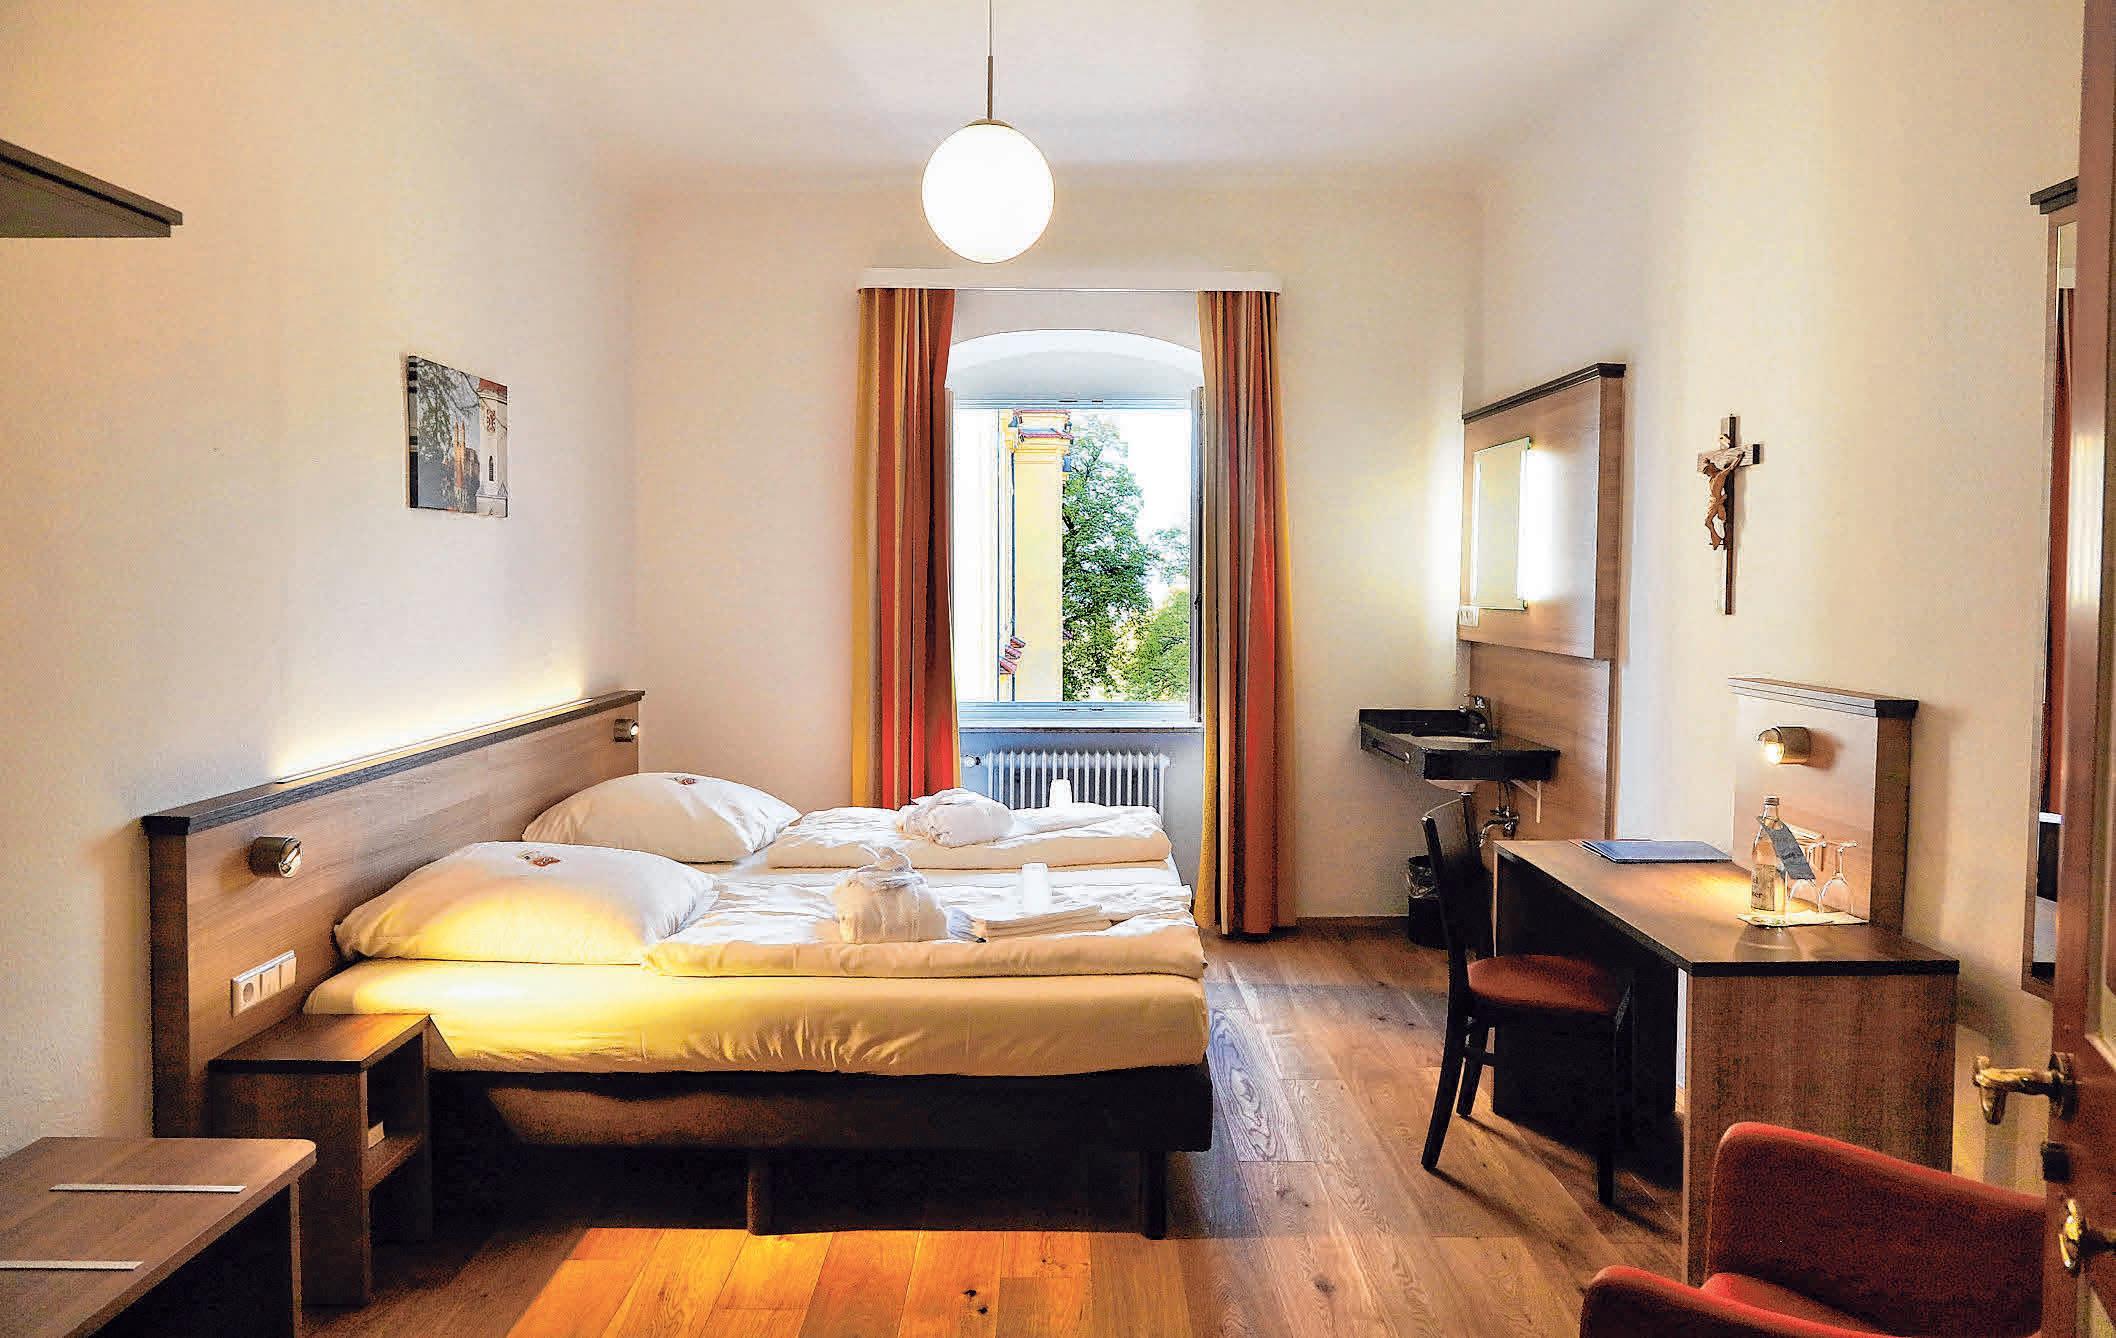 Das Tagungshaus Schönenberg bietet auch Zimmer mit Doppelbett, die einen Blick auf die barocke Schönenbergkirche freigeben. FOTOS: AFI/PHOSITIV